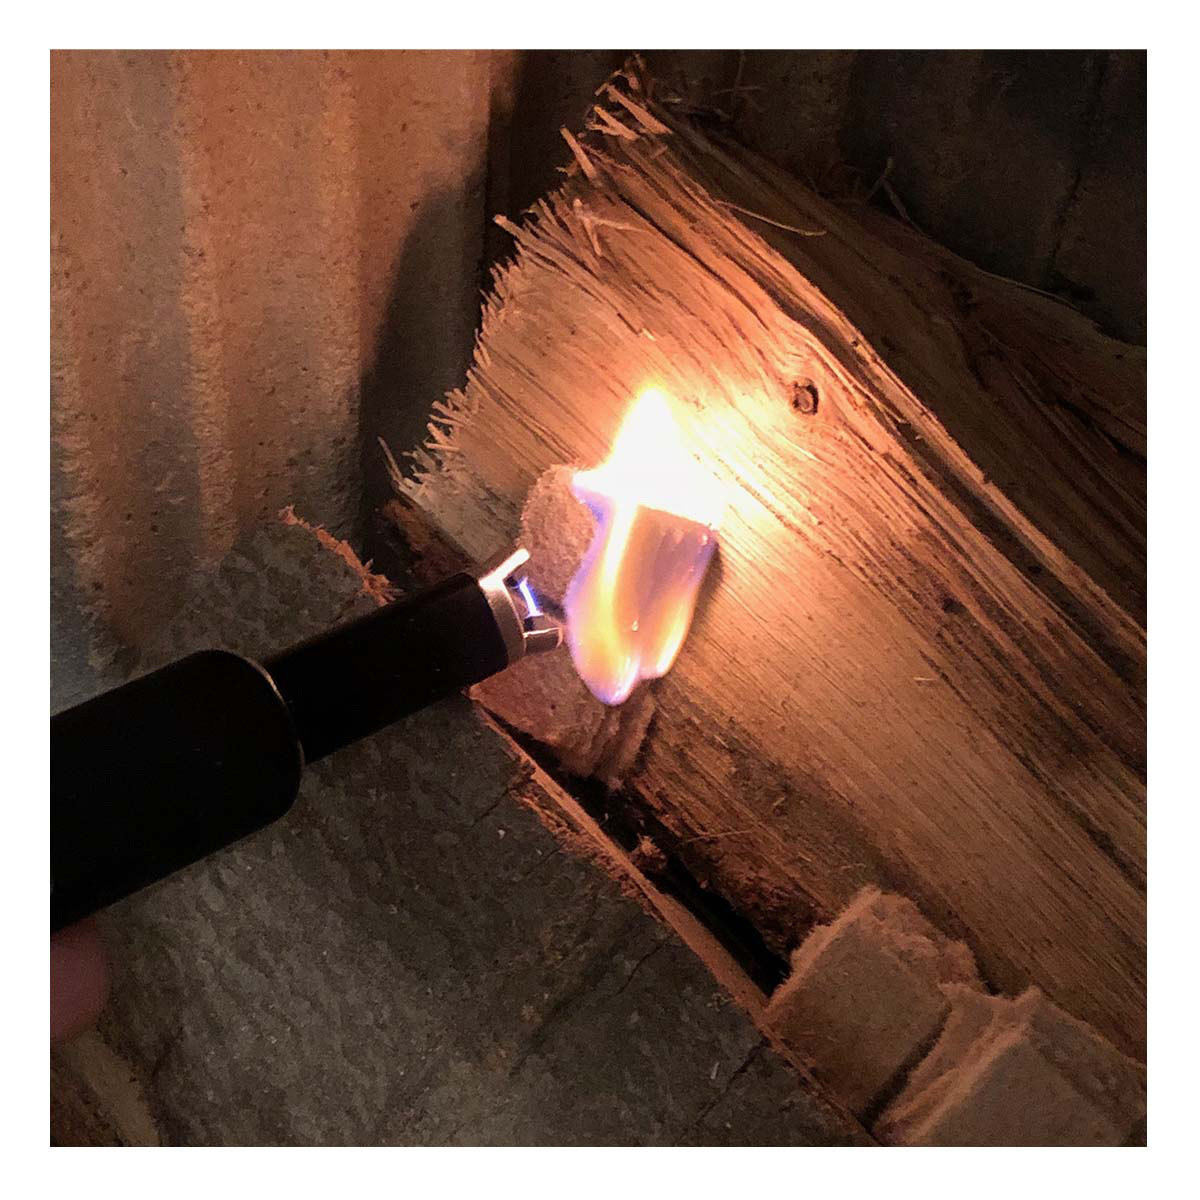 98-1119-01-elektronisches-lichtbogen-stabfeuerzeug-anwendung1-1200x1200px.jpg